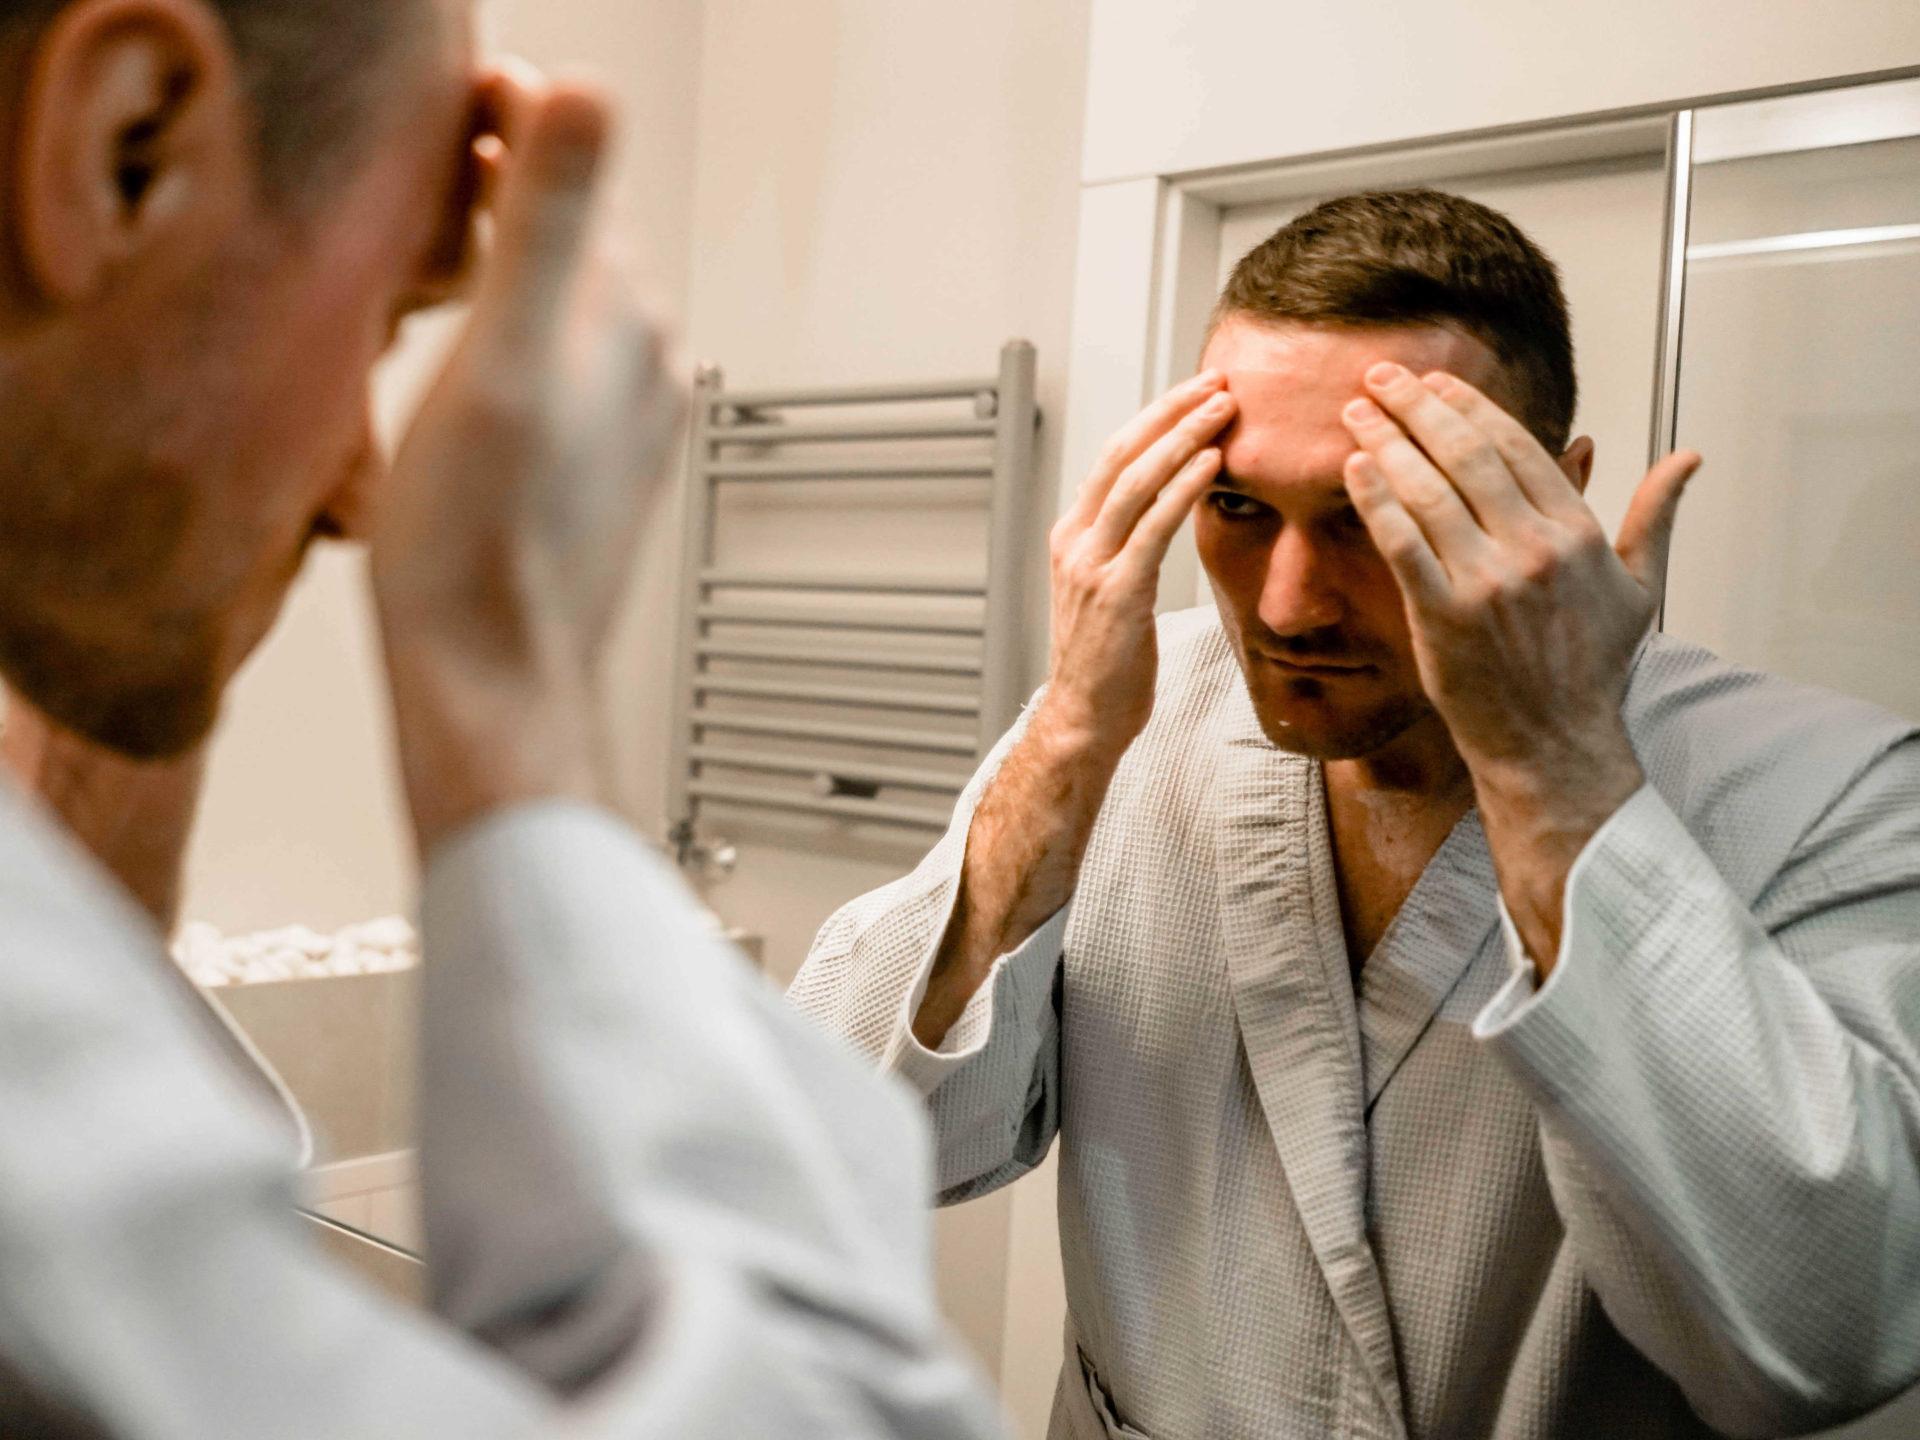 Odłóż mydło! Czyli męska pielęgnacja krok po kroku